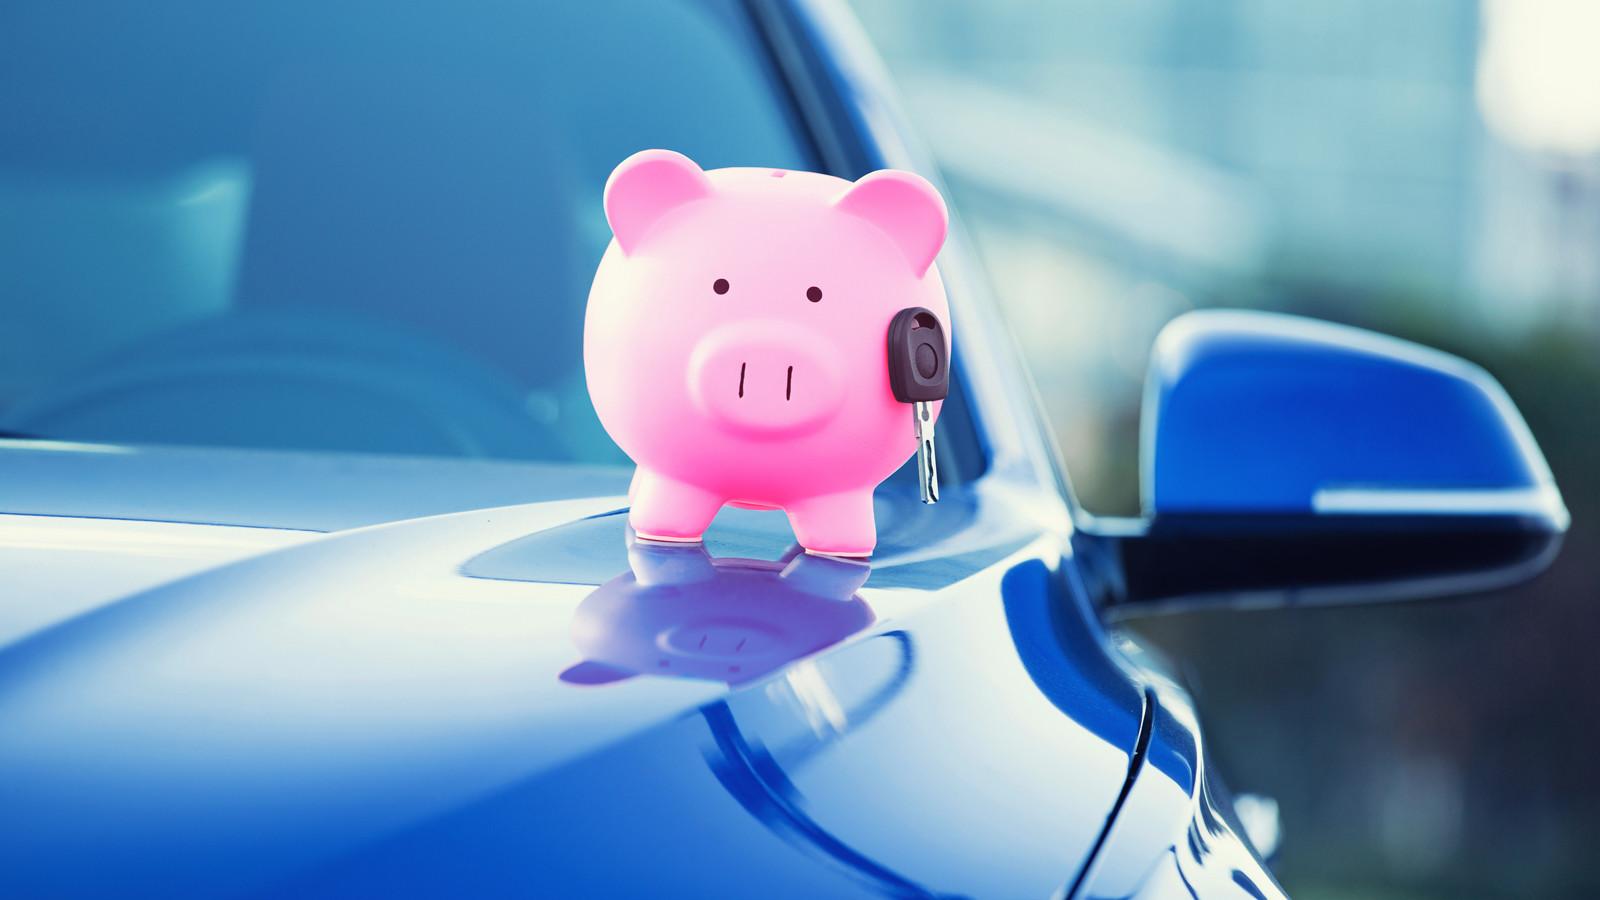 Предложение кабмина поотмене транспортного налогового сбора  для электромобилей нужно доработать— Государственная дума